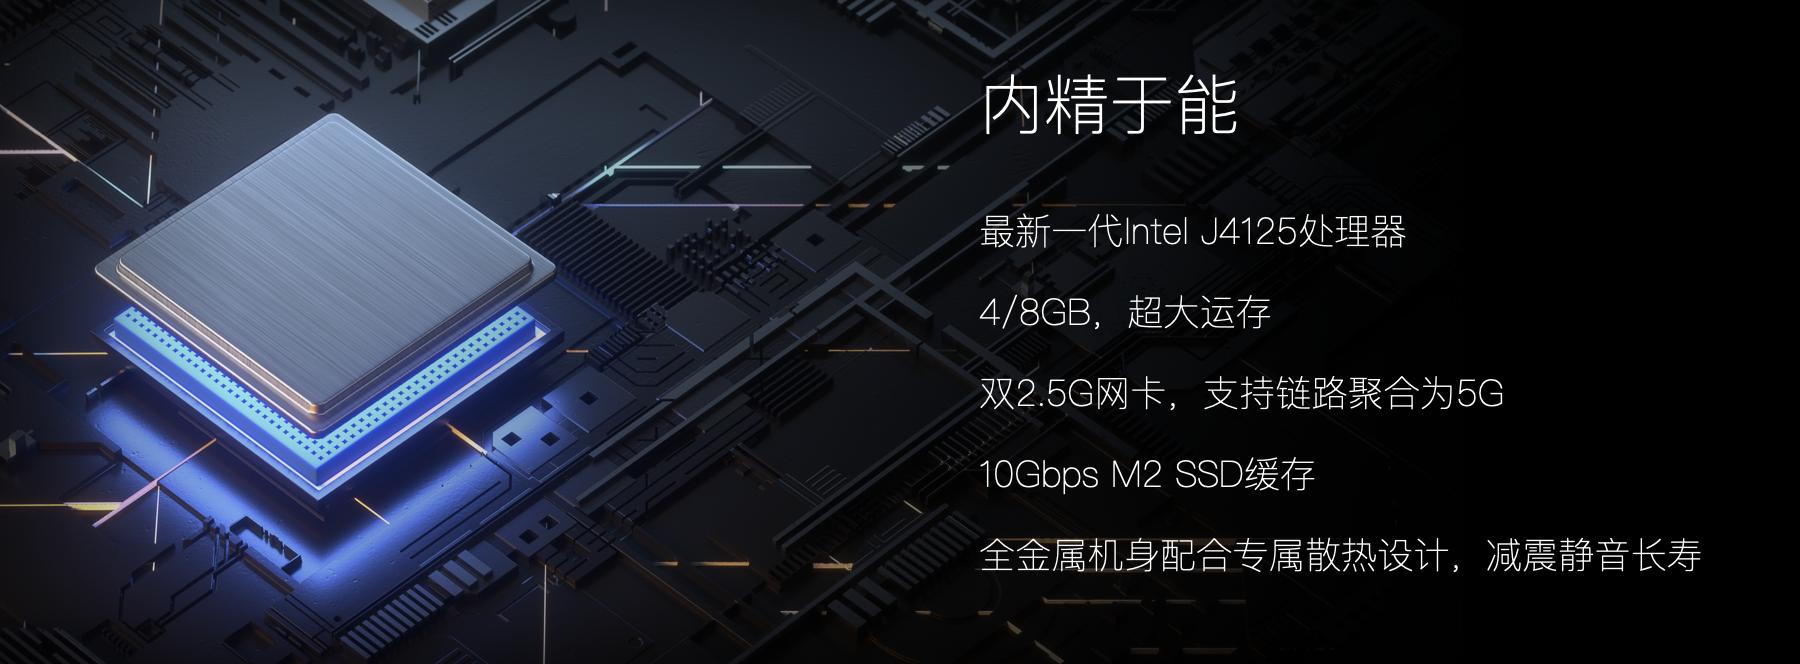 图片[6]-NAS新玩家 极空间Z2 / Z4 私人云正式发布,瞄准威&群 定价1199/2399元起-思安阁